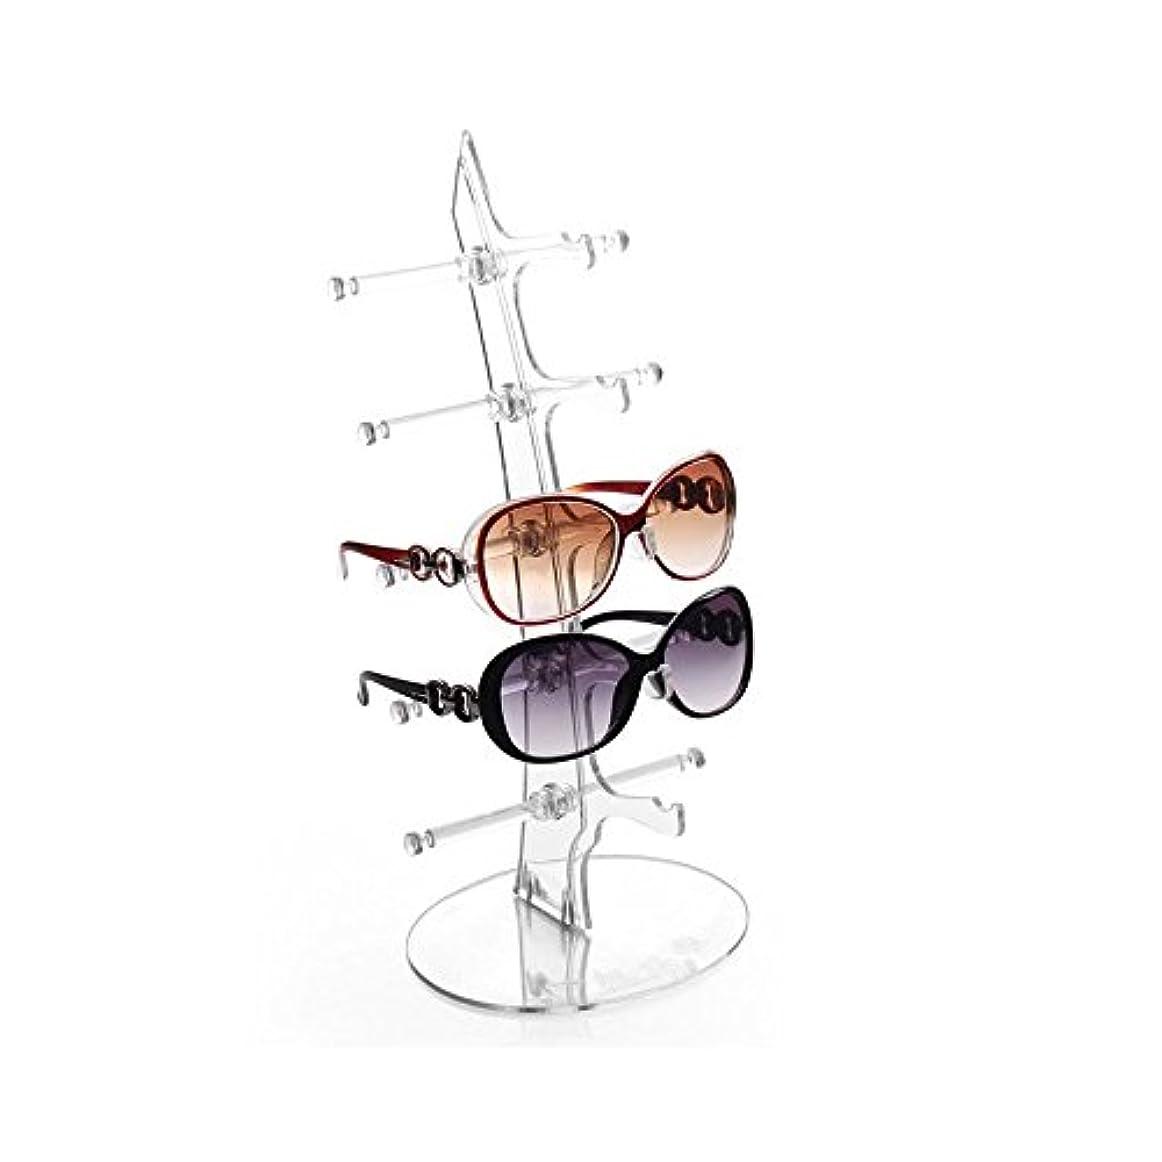 矢通訳メーカーHongch 眼鏡 デイリー用ディスプレイスタンド サングラスホルダーラック 眼鏡